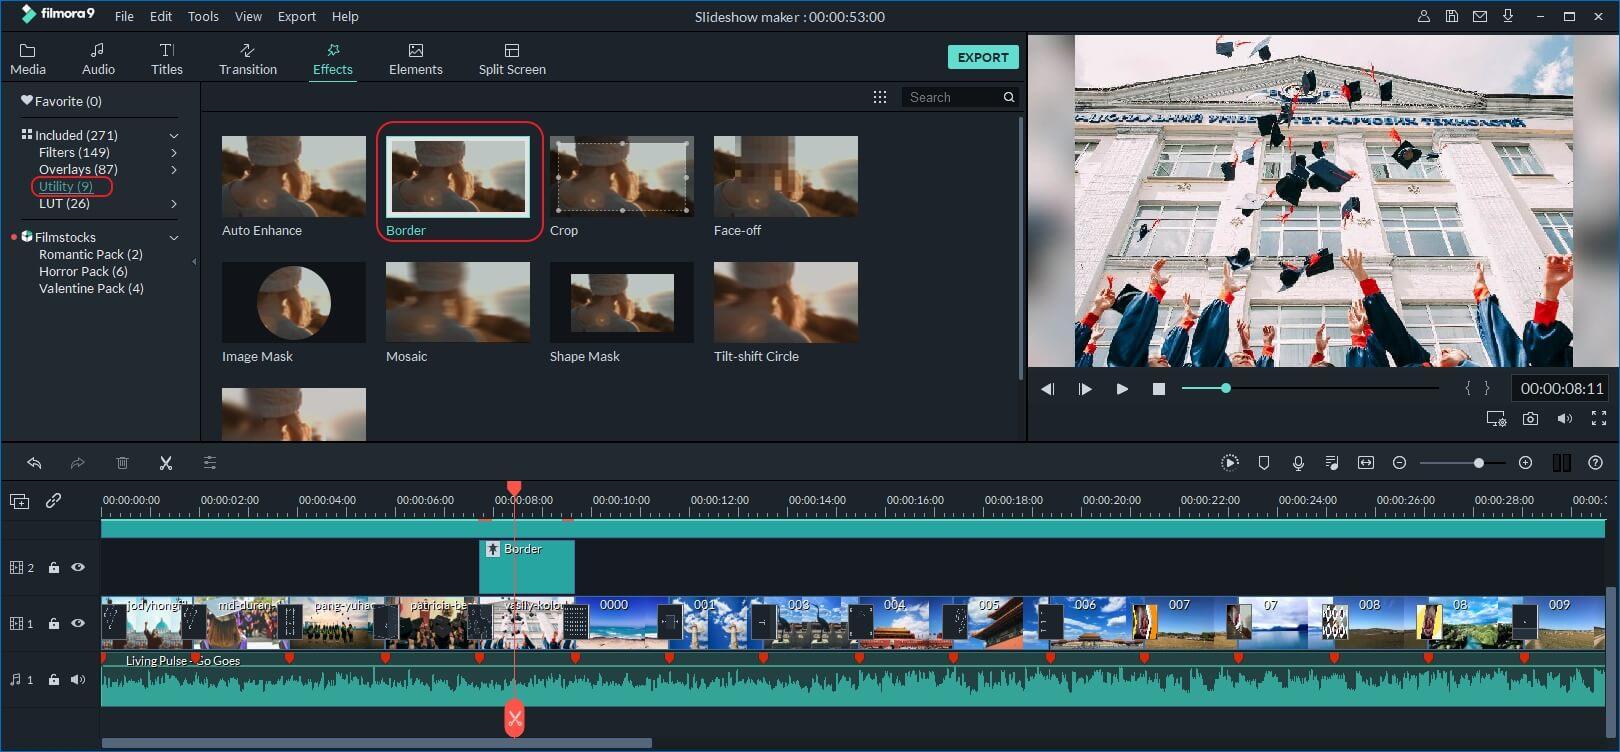 Faça um vídeo de graduação com o Filmora9 - adicionar quadro